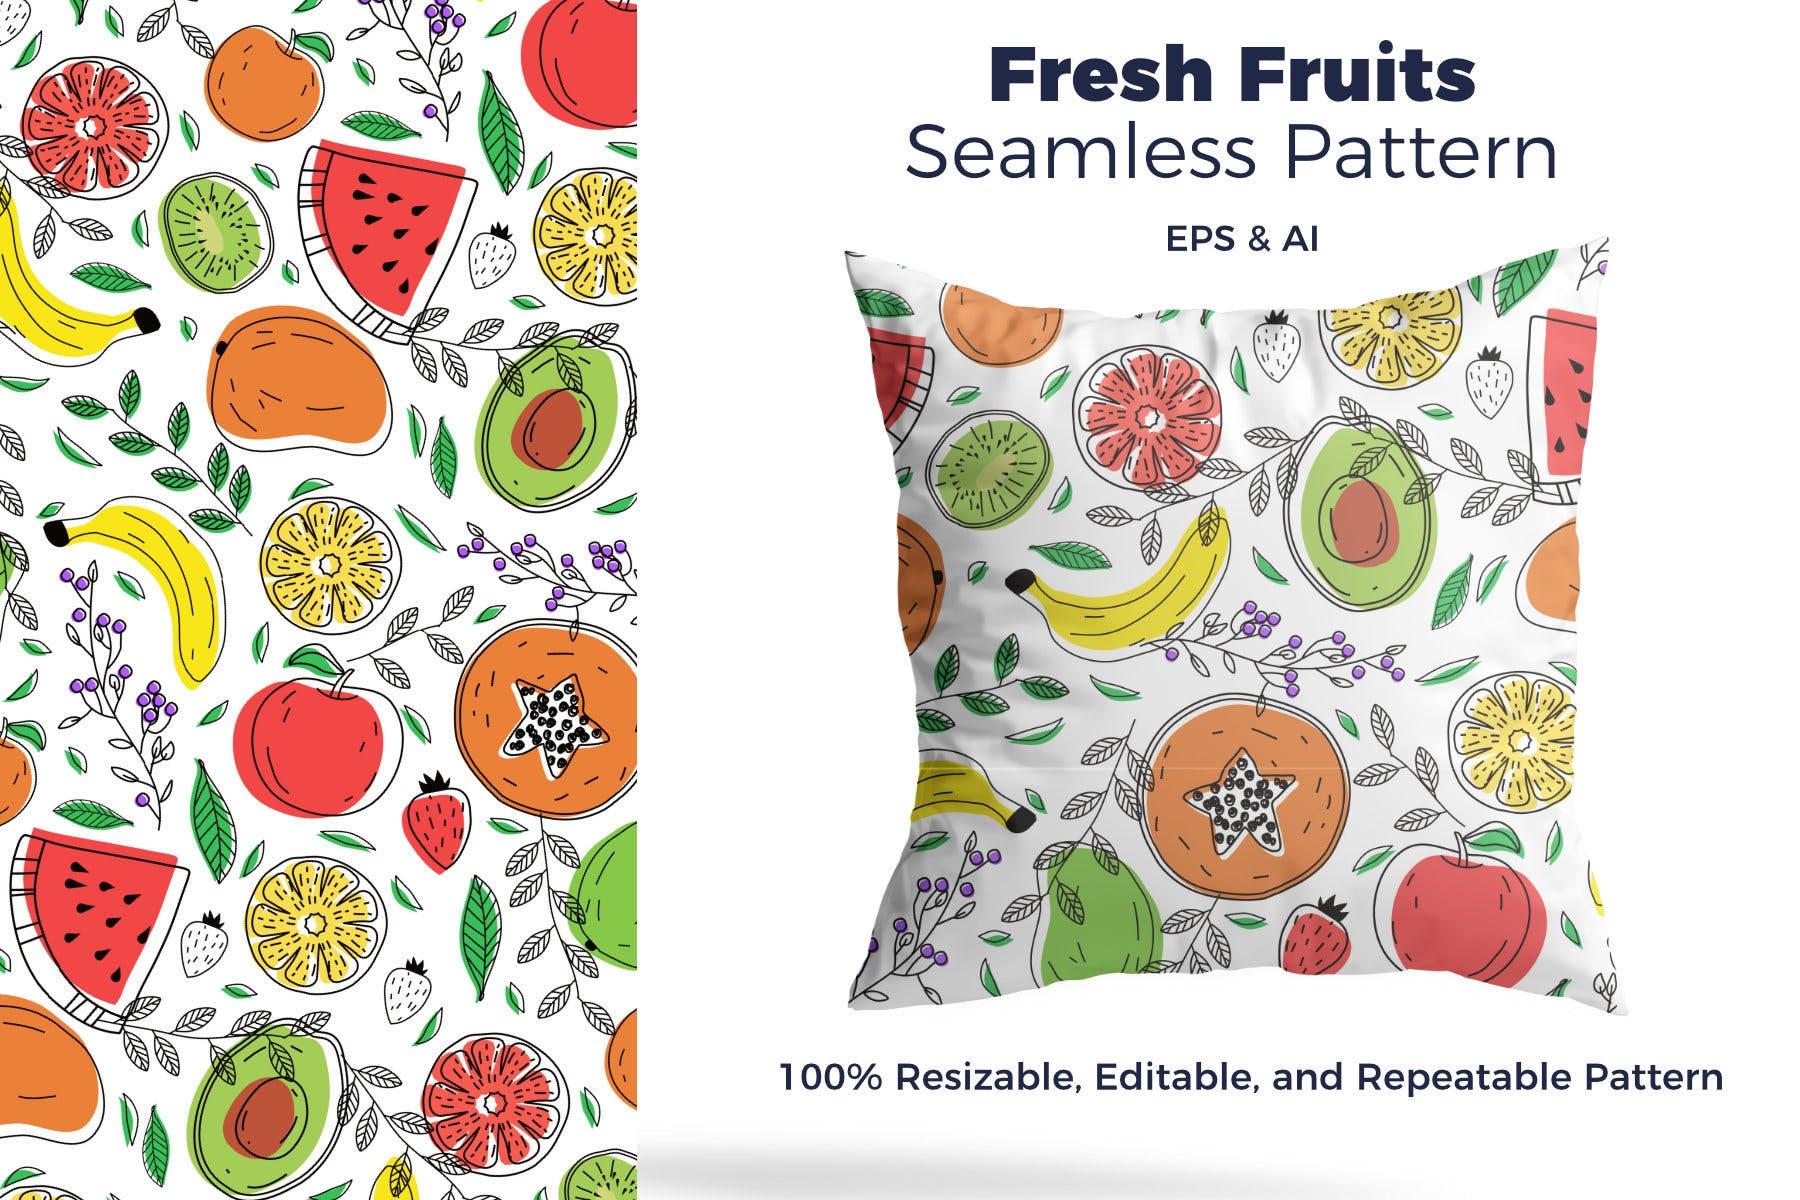 新鲜水创意果图案元素展示Fresh Fruit Pattern插图